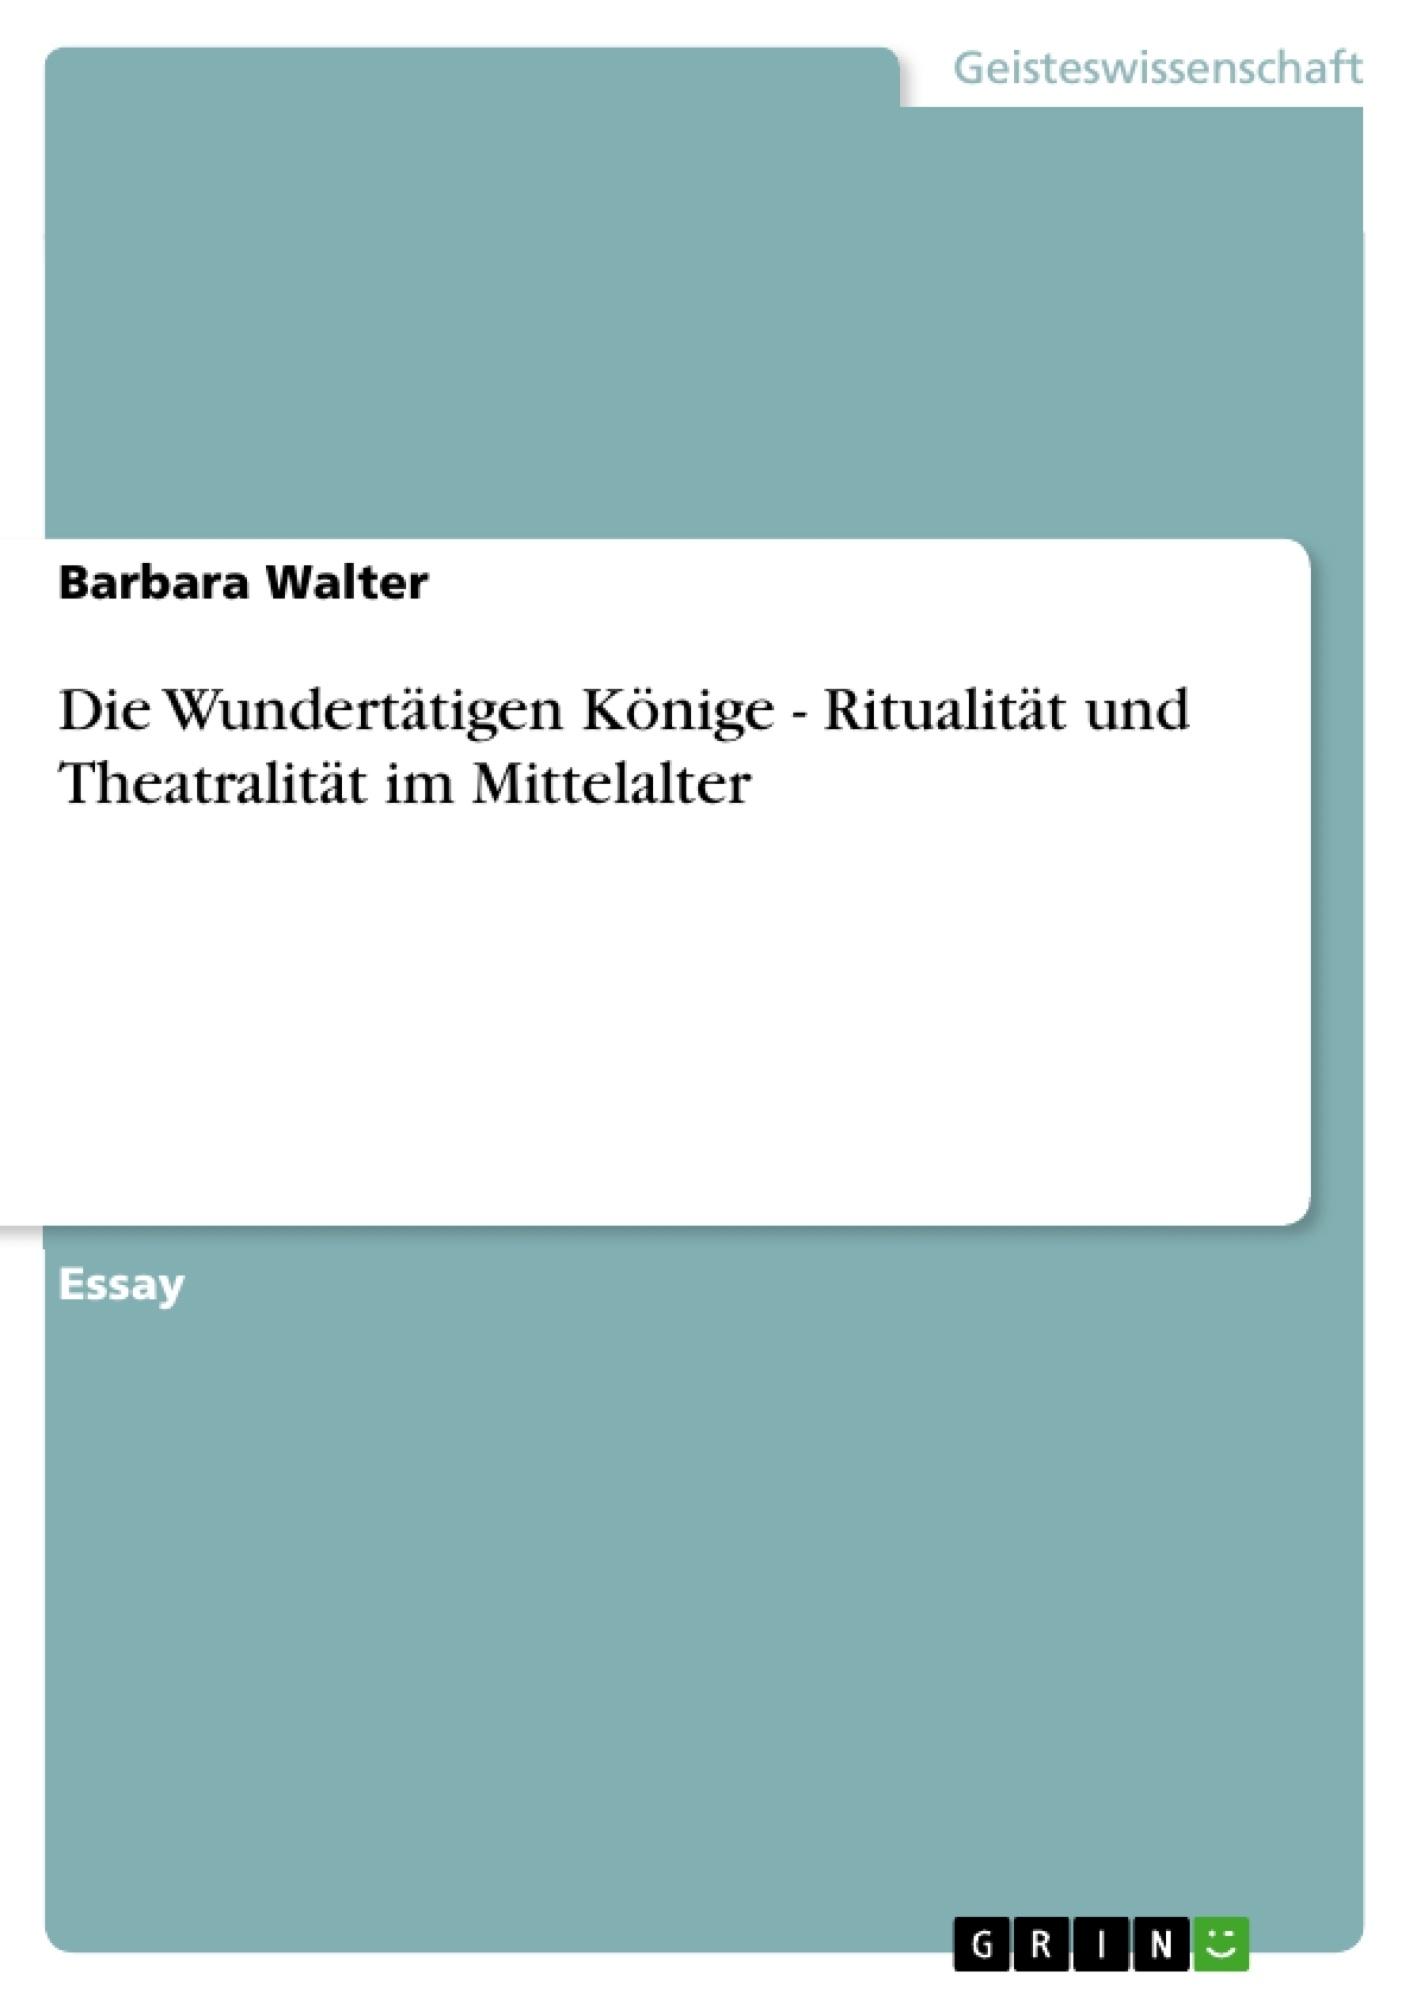 Titel: Die Wundertätigen Könige - Ritualität und Theatralität im Mittelalter